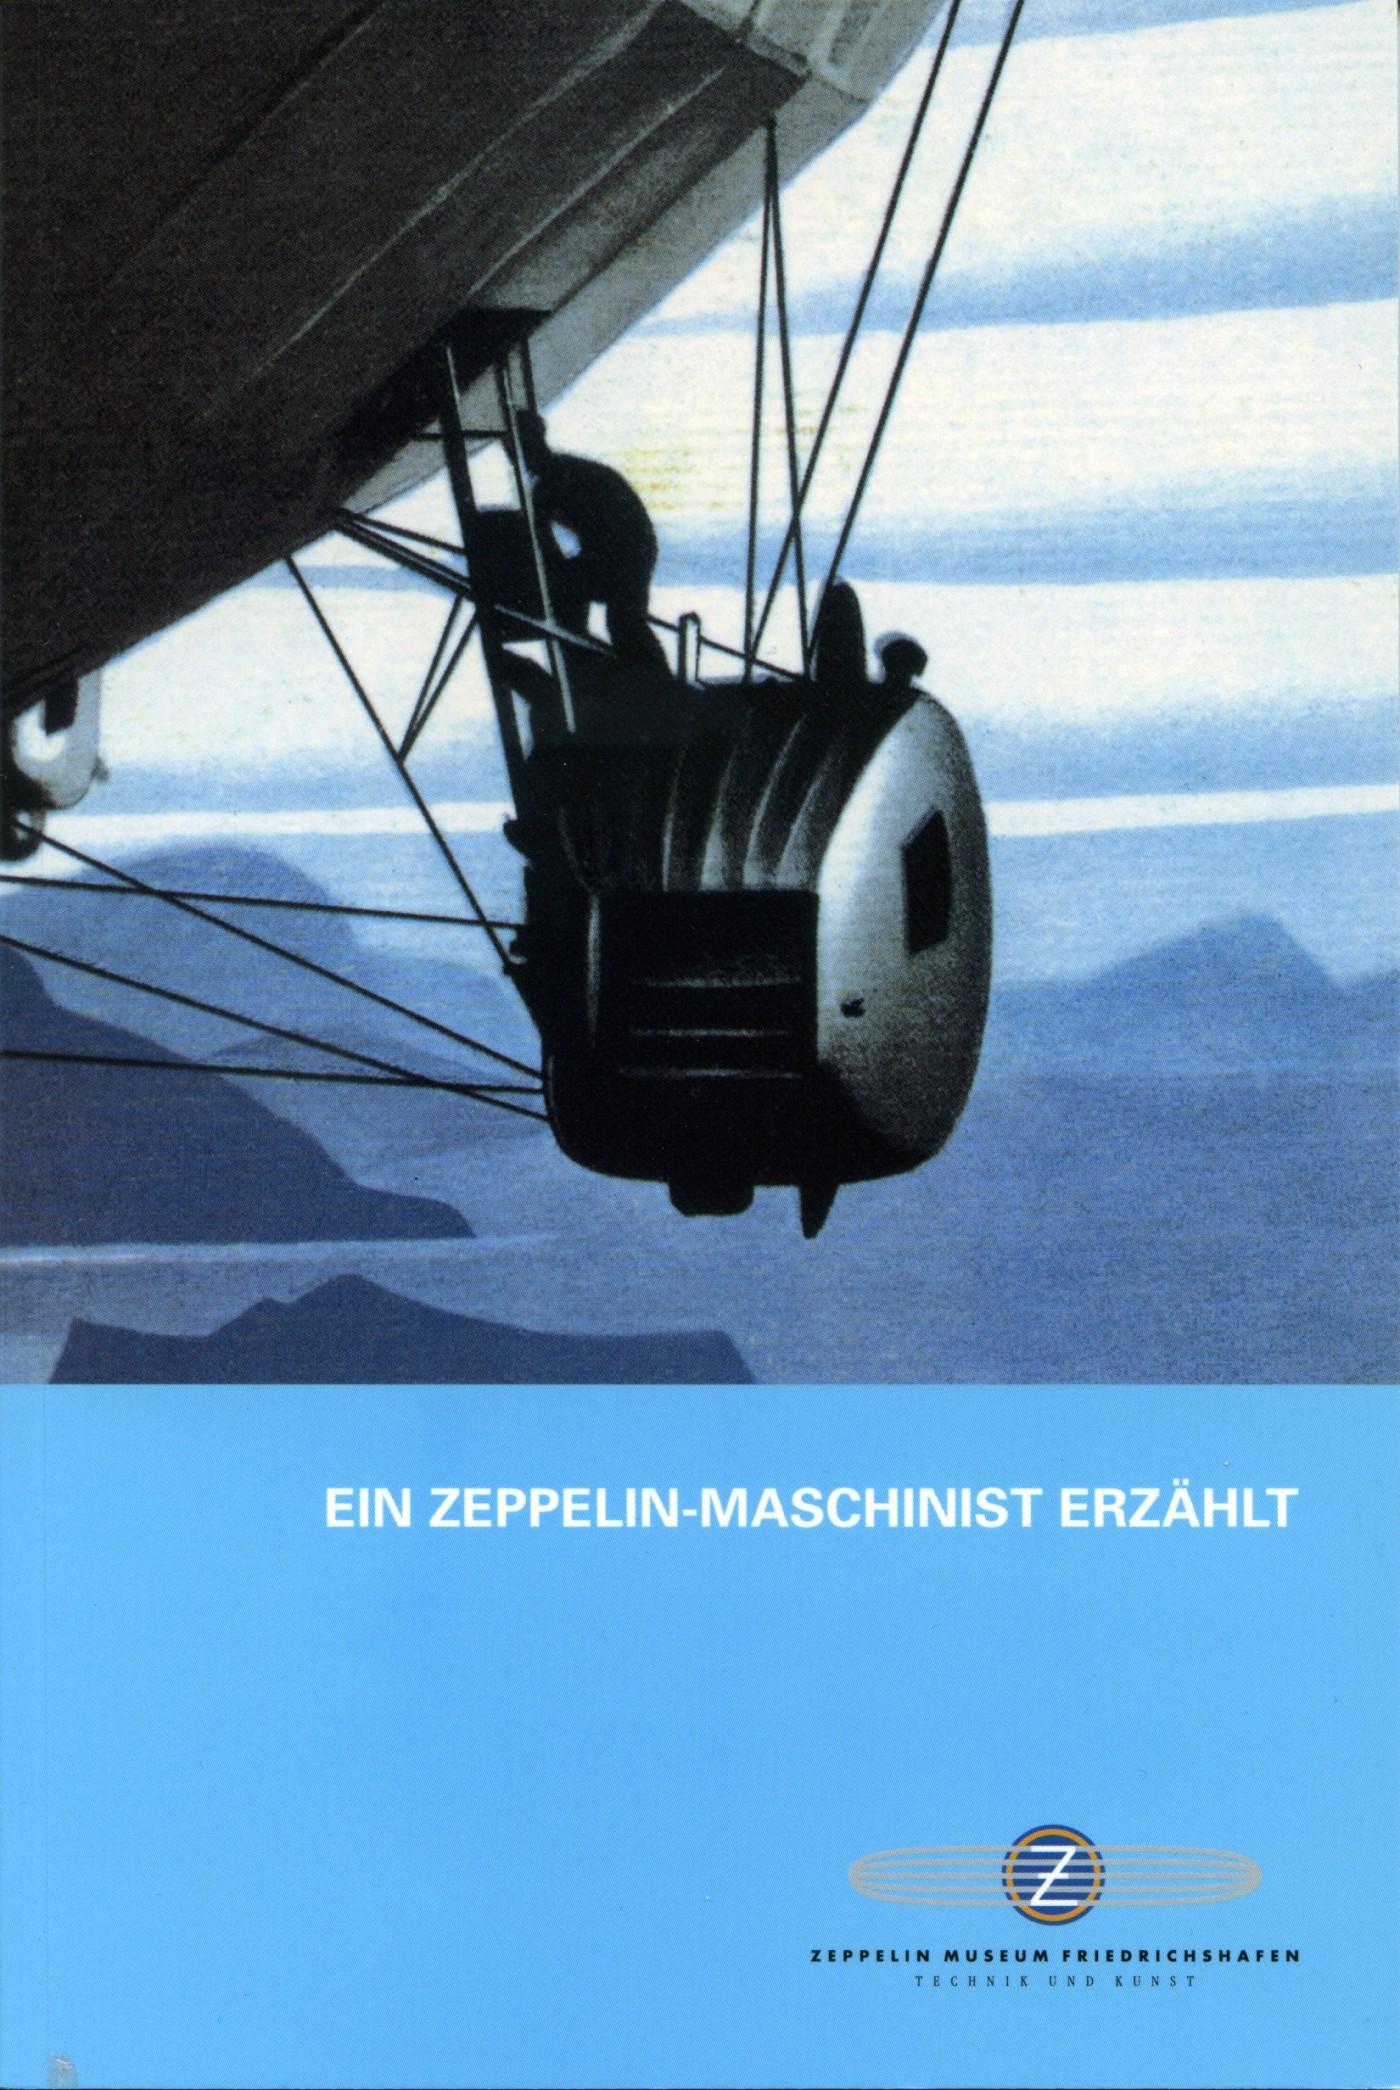 Ein Zeppelin-Maschinist erzählt